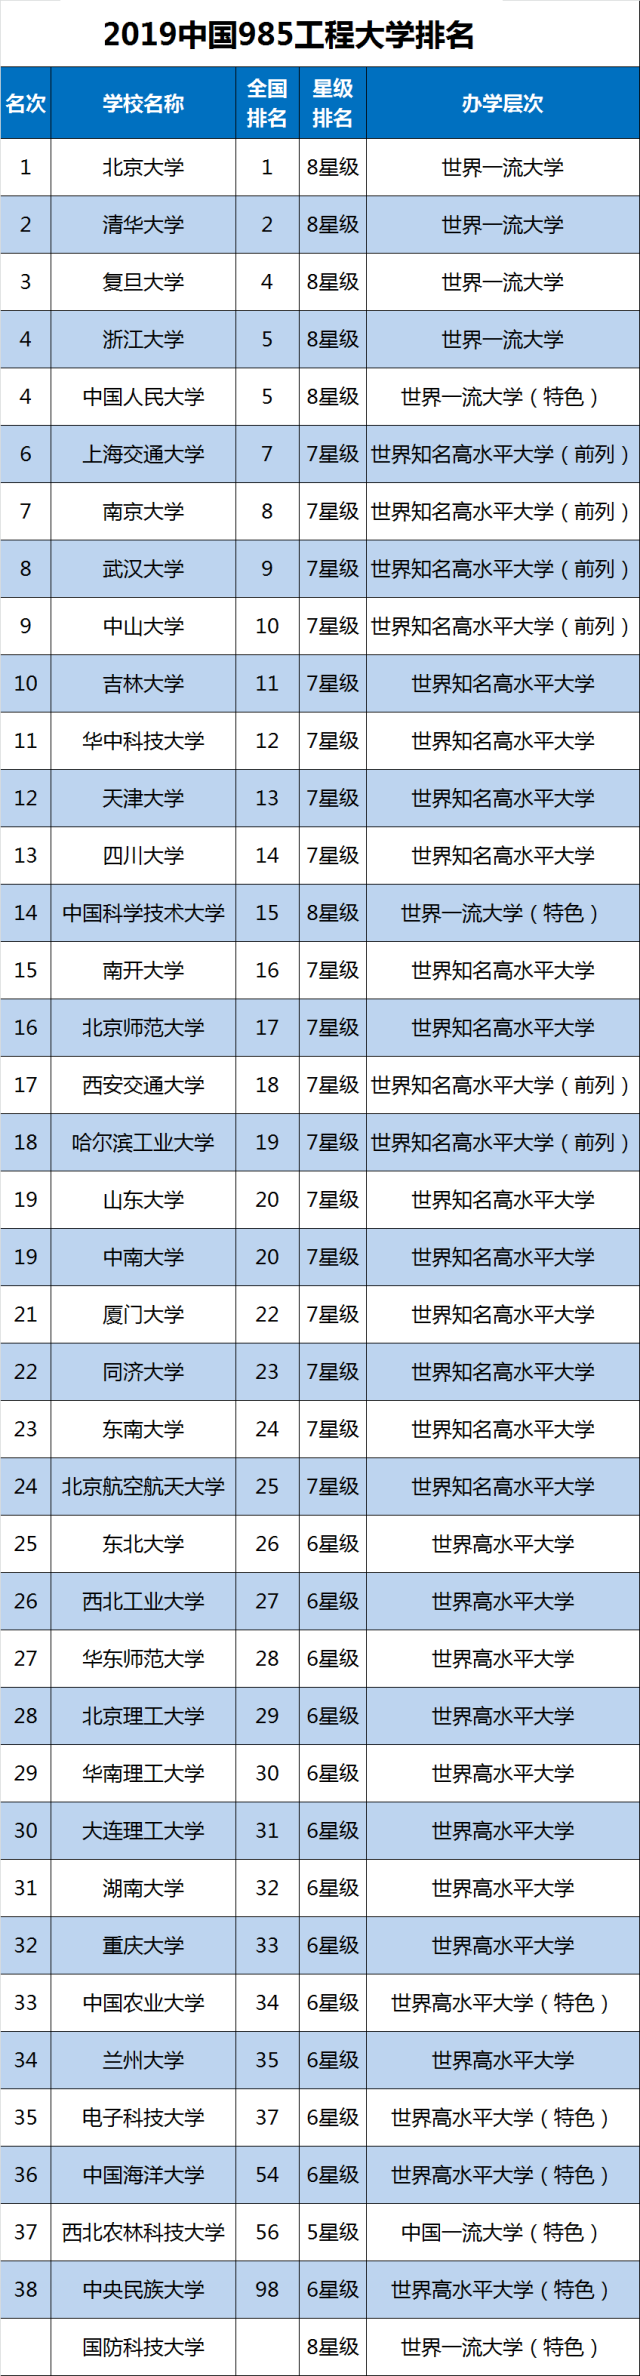 985大学最新排名,3所C9高校没进入前10名,武大第8名